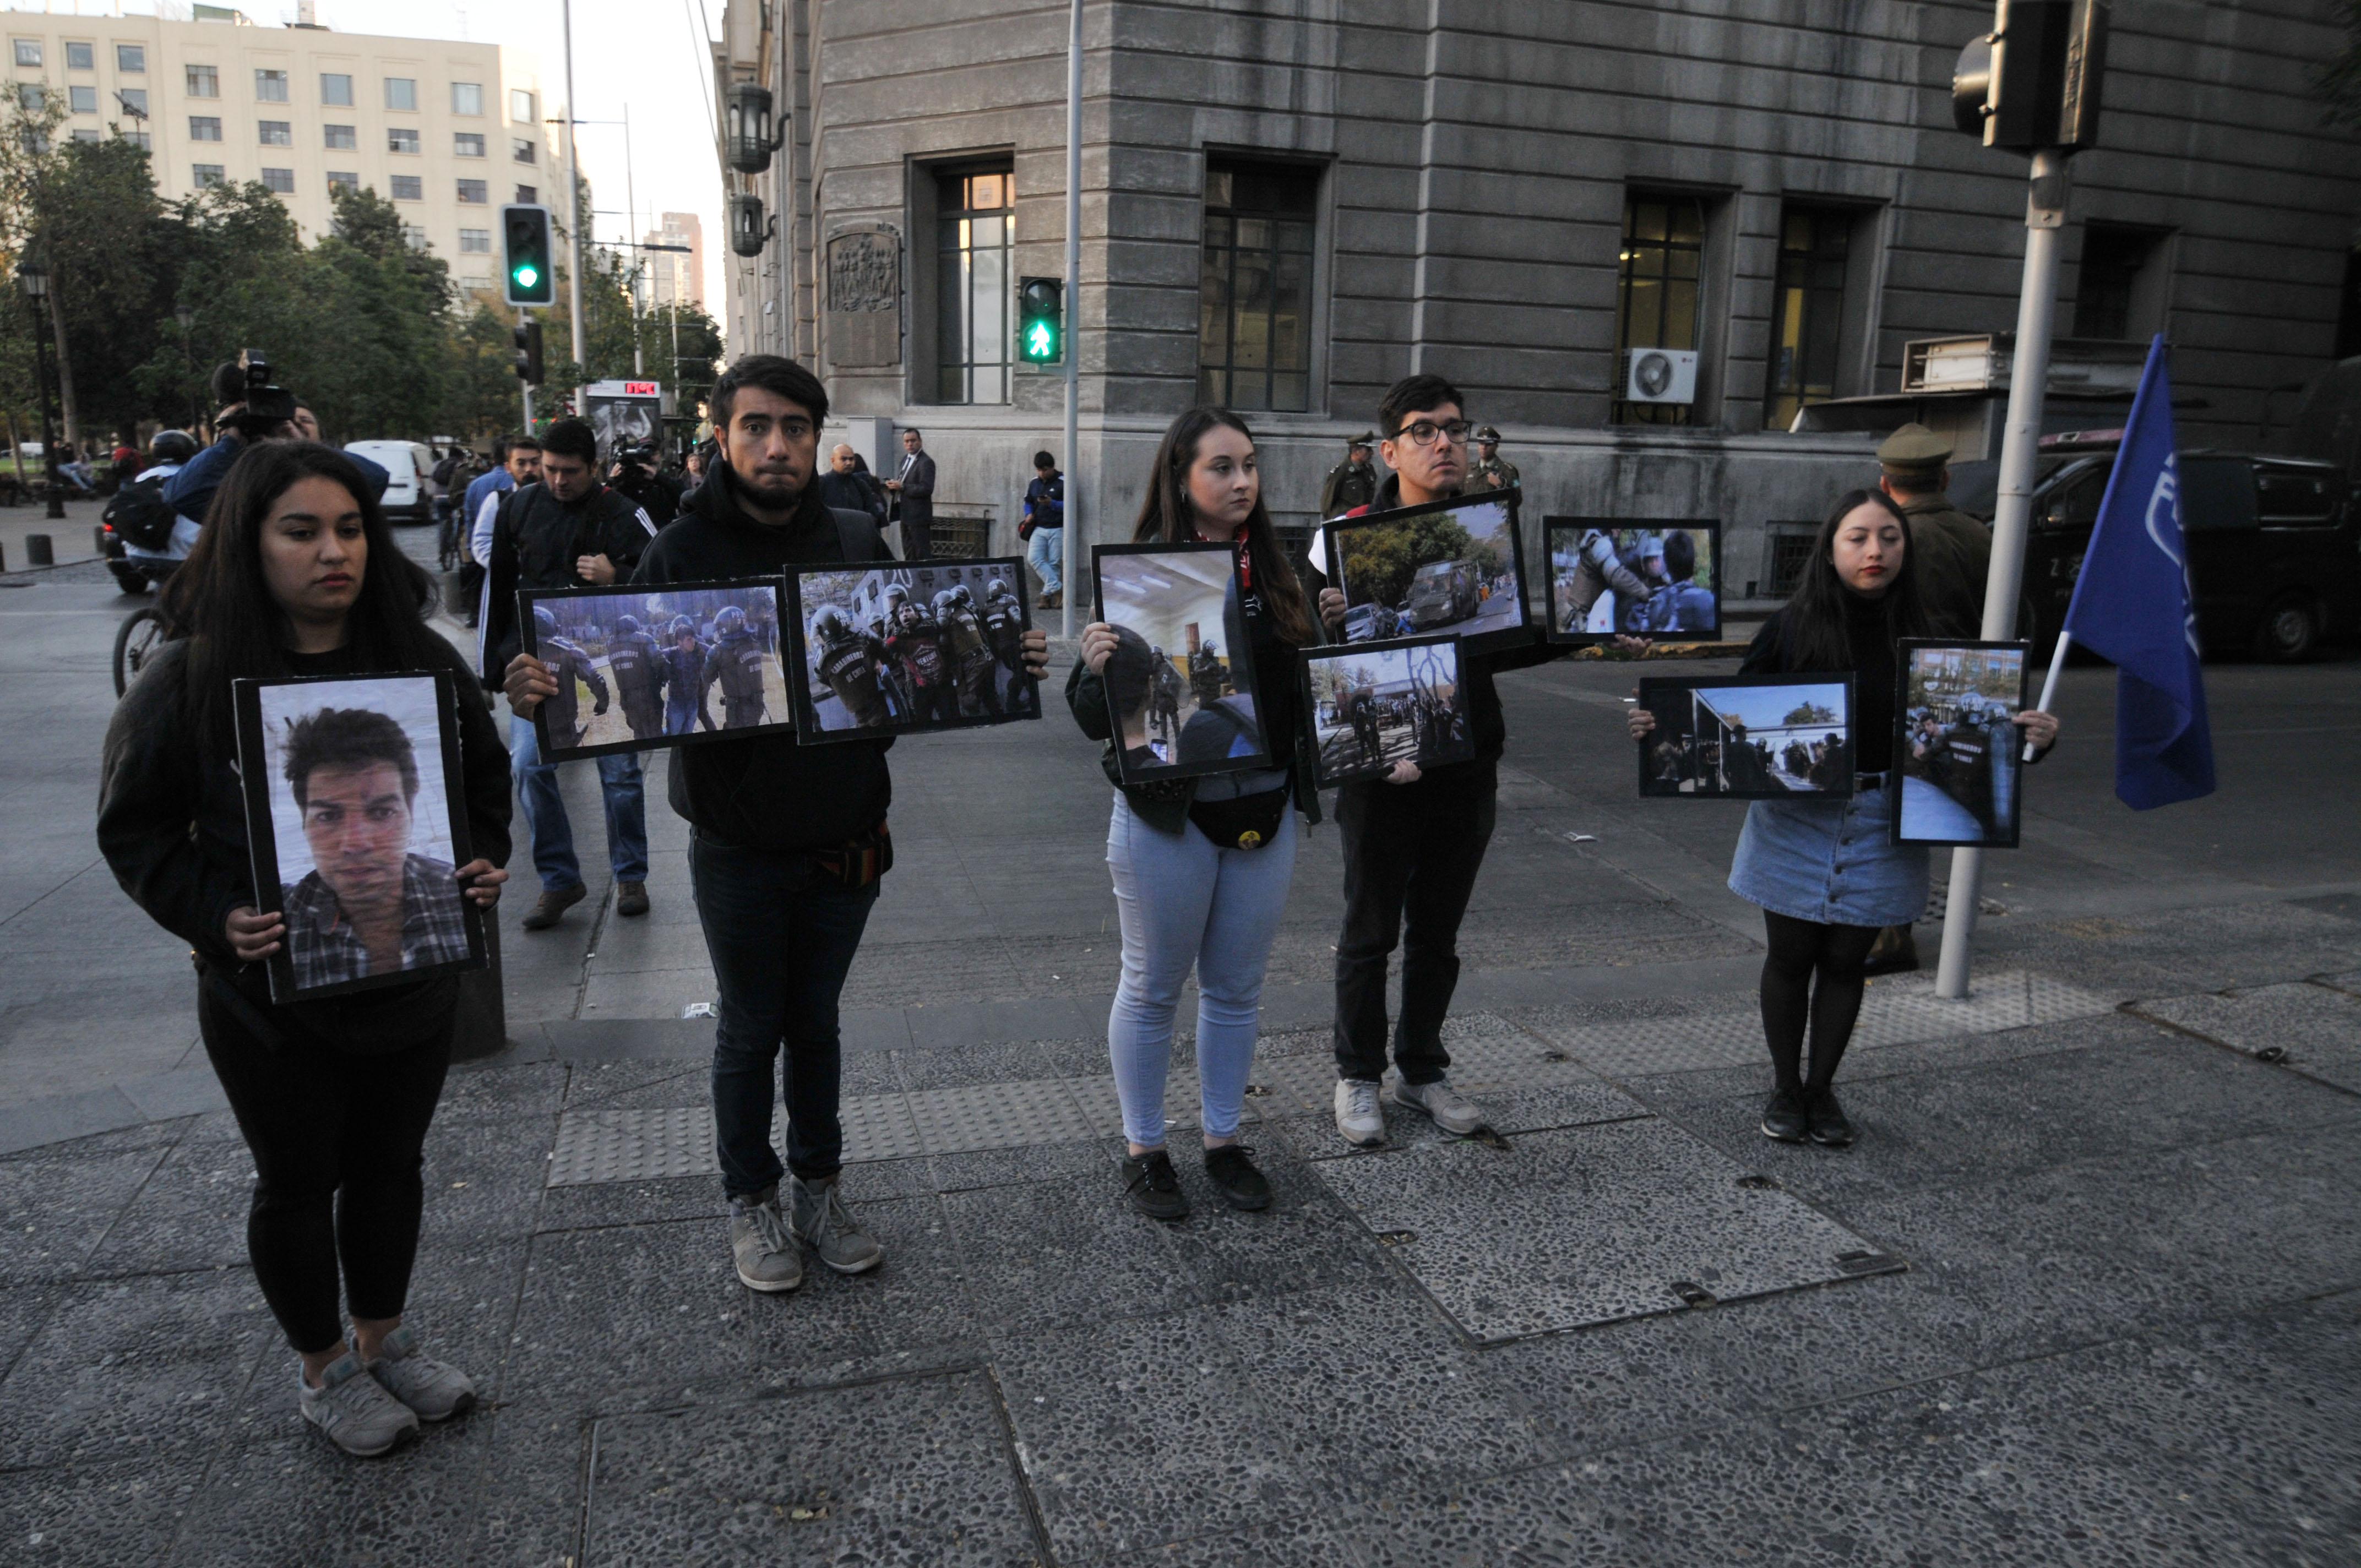 Humillación, golpes y oídos sangrando: Dirigentes Usach piden a Intendencia detener violencia policial